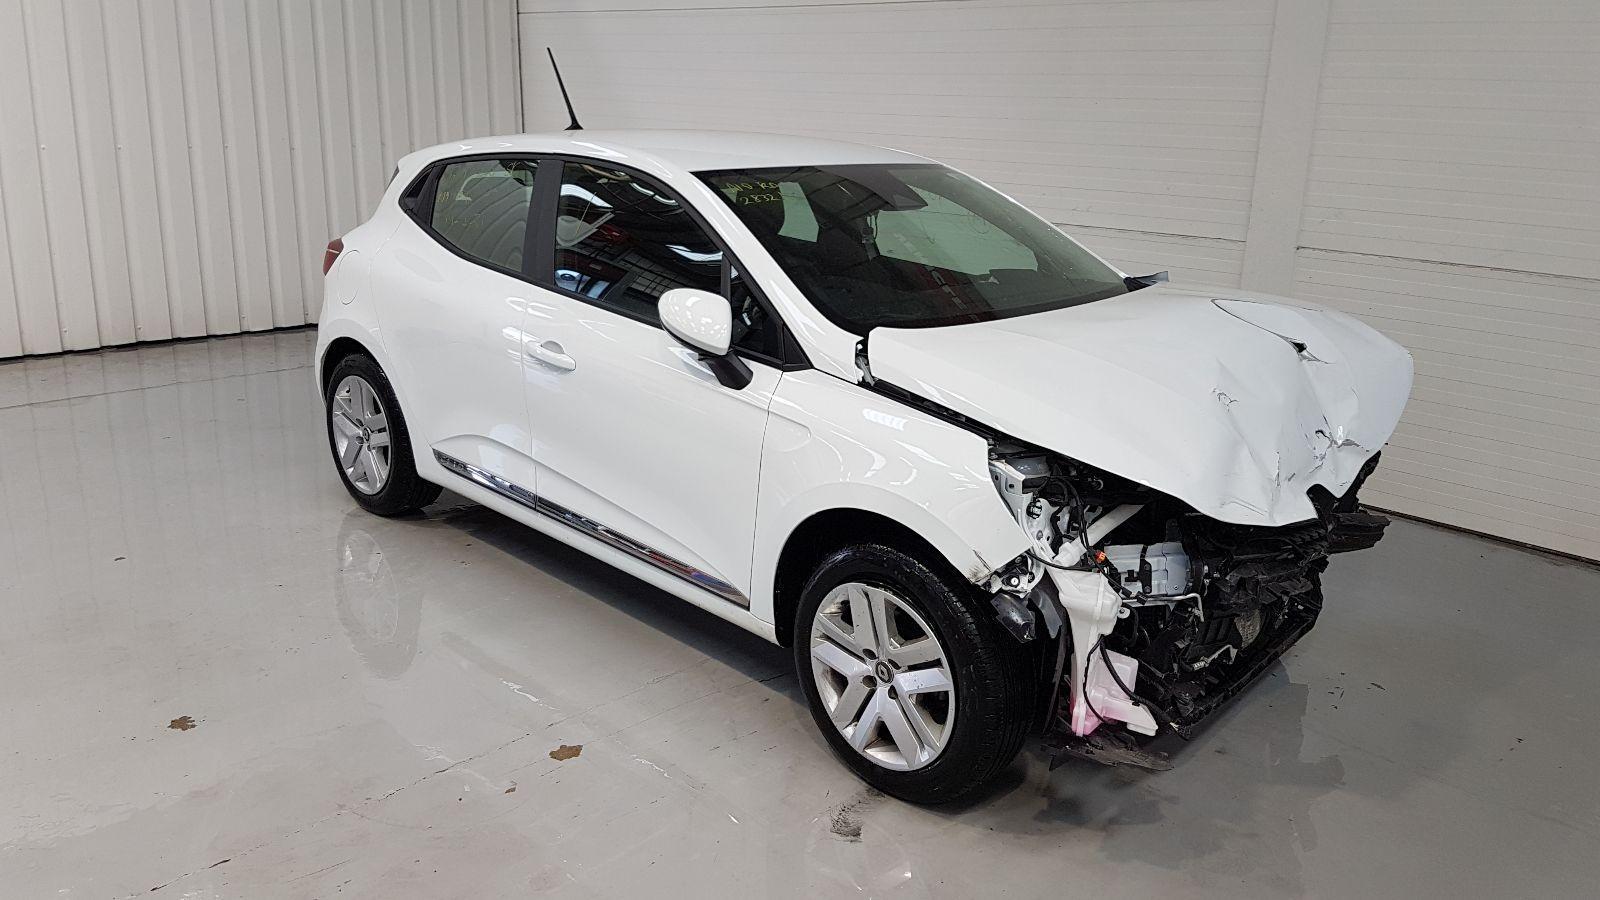 Image for a Renault Clio 2020 5 Door Hatchback Breaking